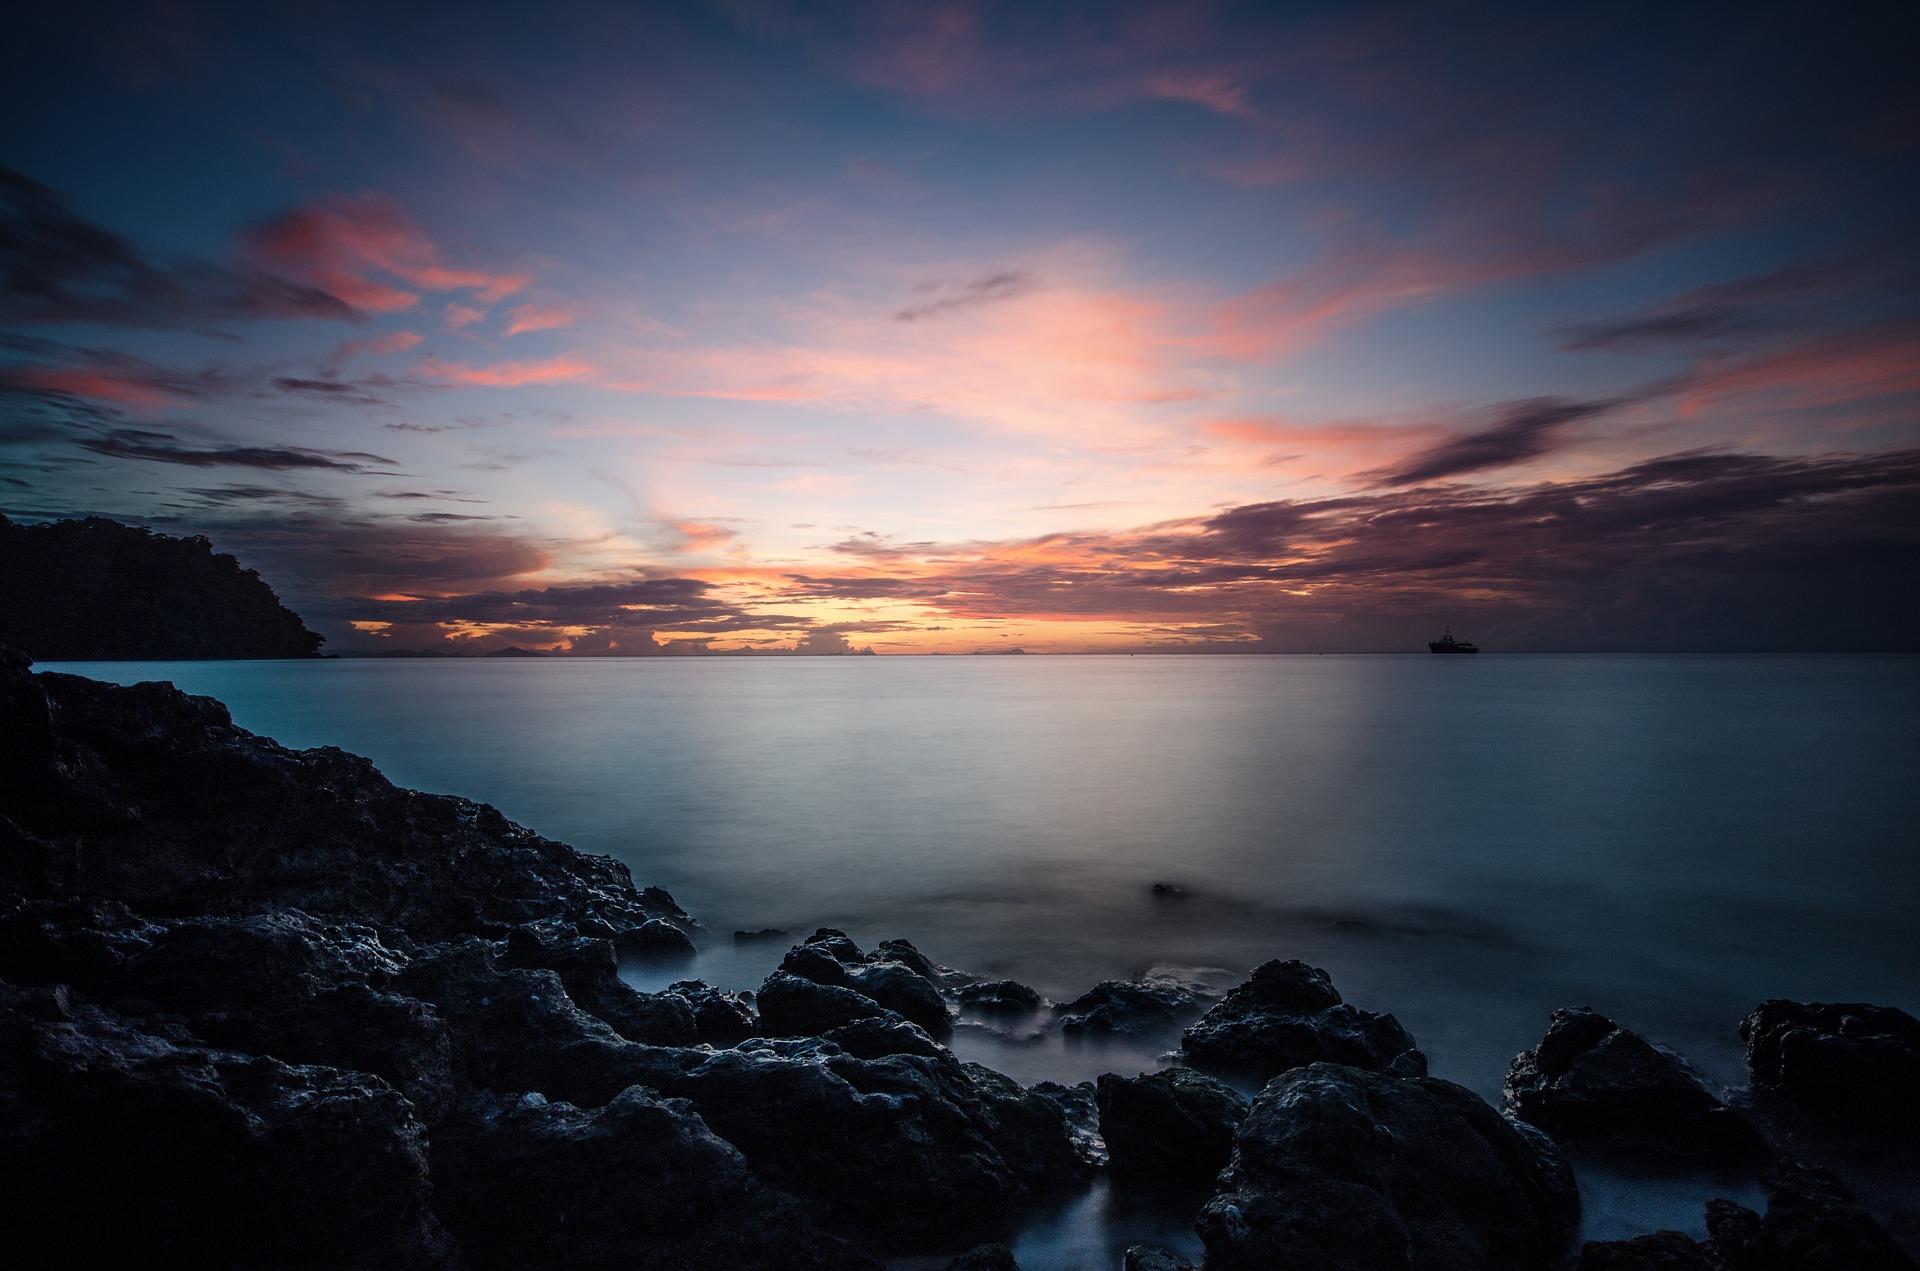 ocean-view-1082081_1920.jpg